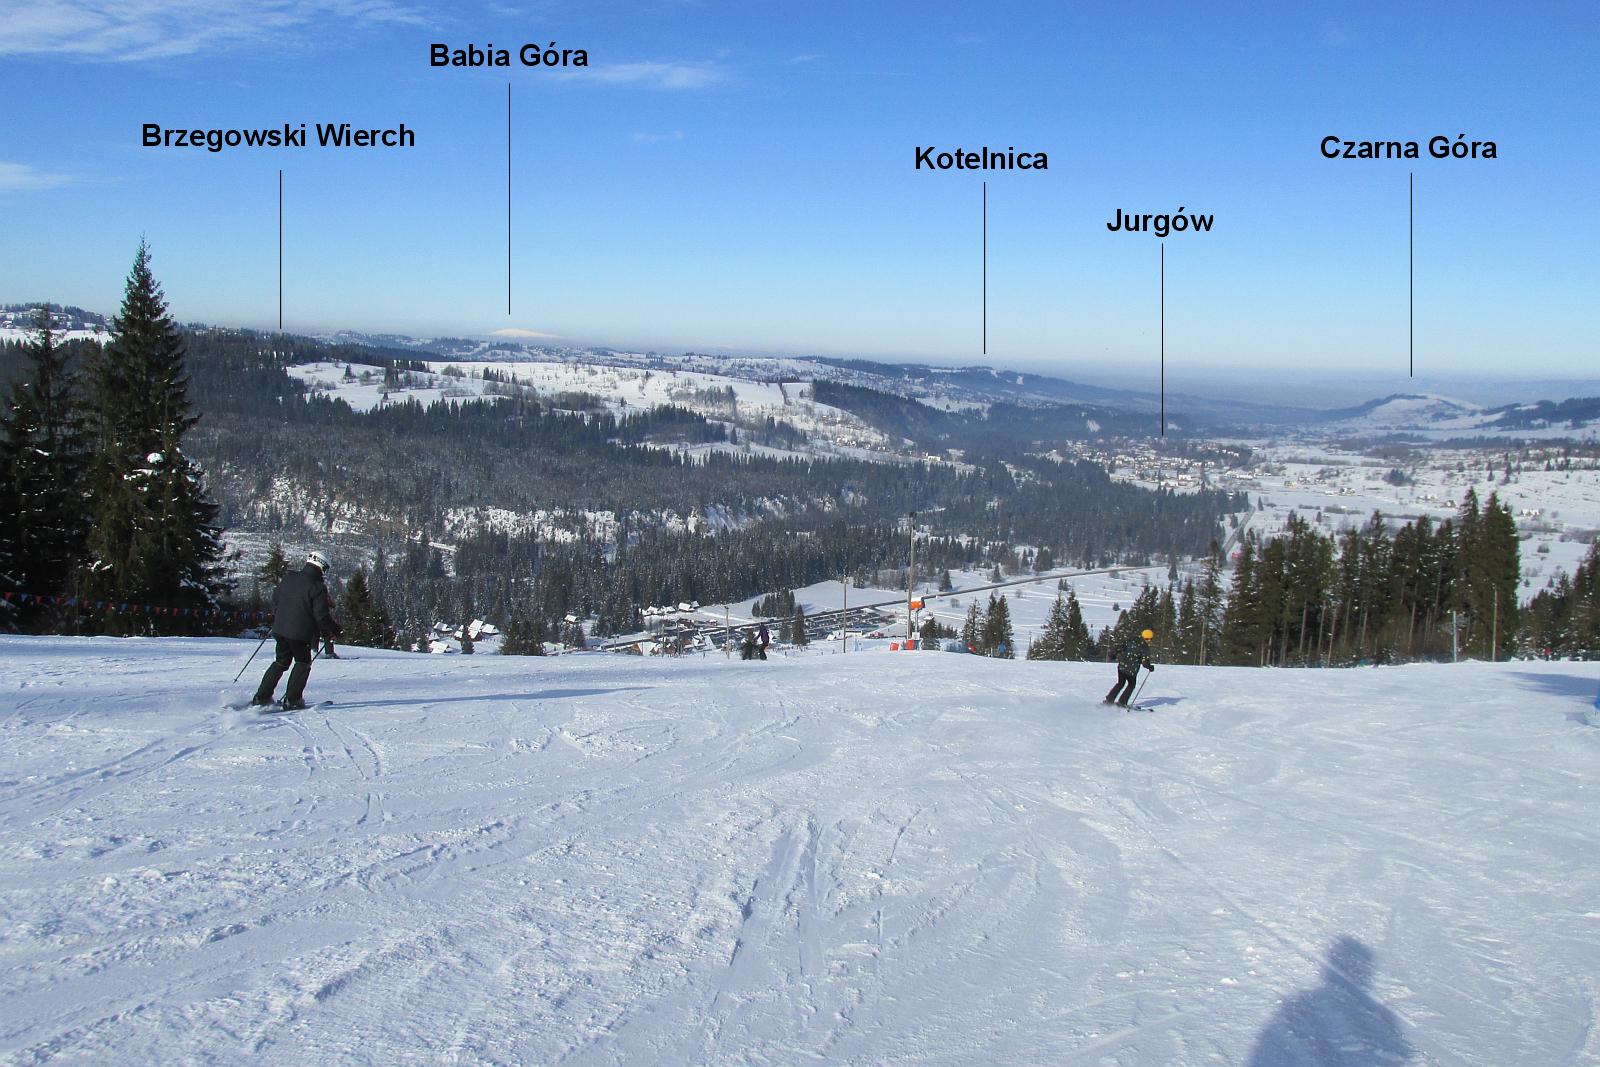 Widok w stronę Jurgowa.